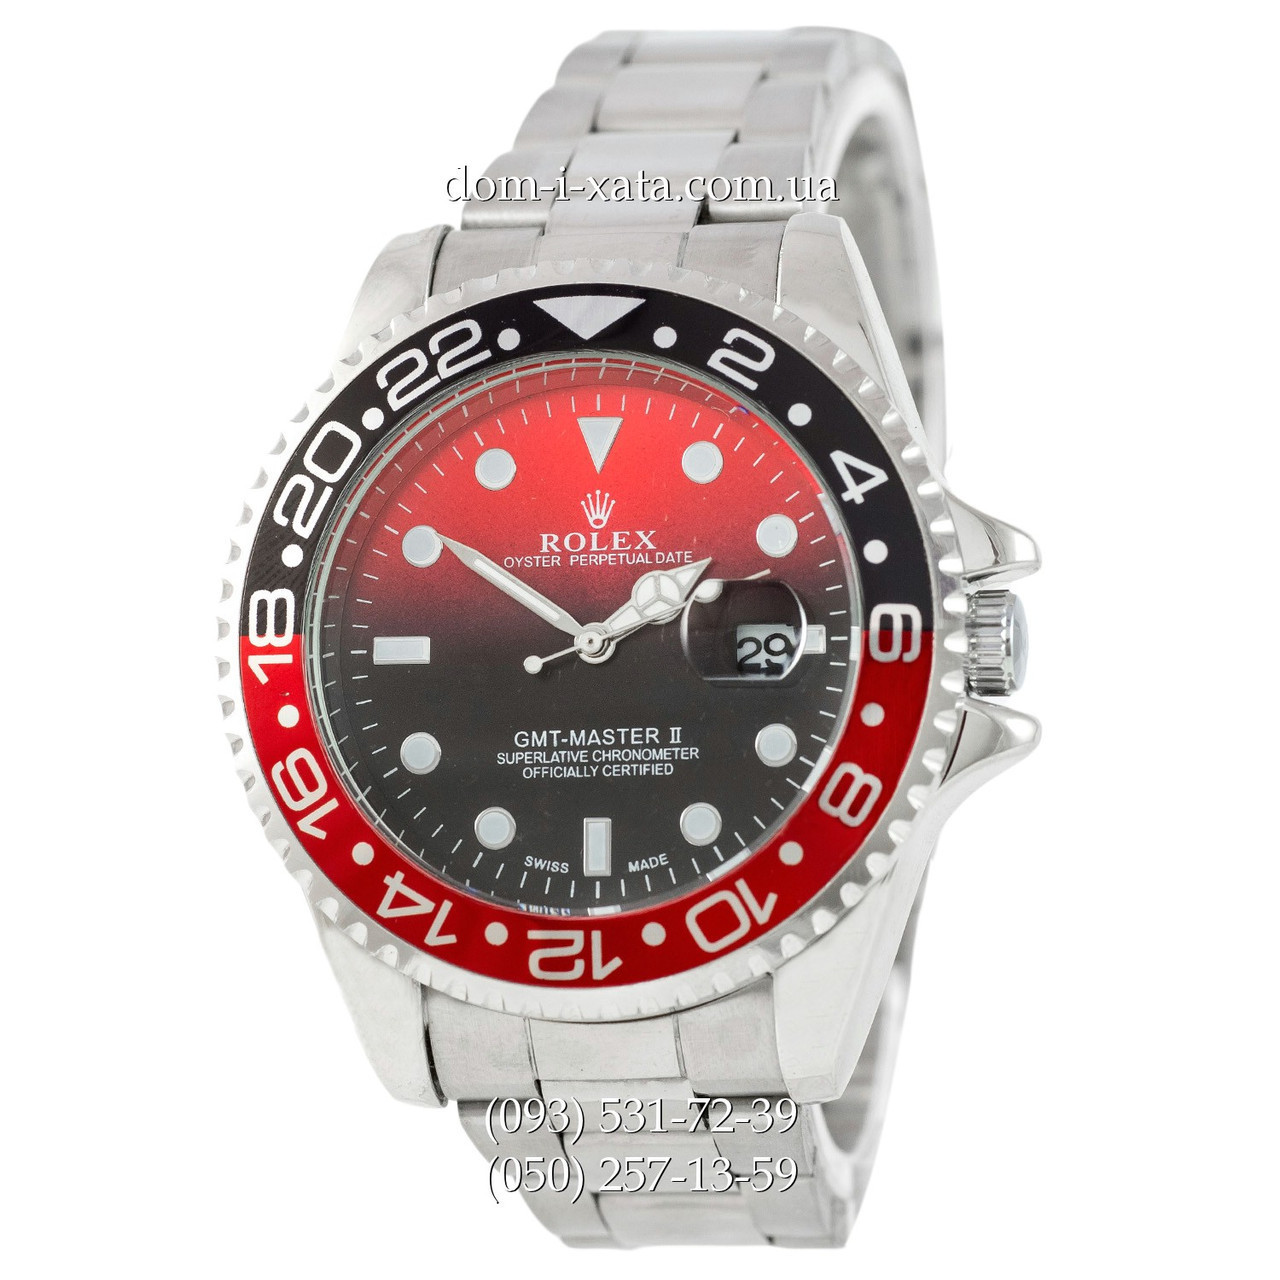 390e8fb26fd8 Мужские часы Rolex GMT-Master II Quarts Silver-Black-Red, кварцевые часы